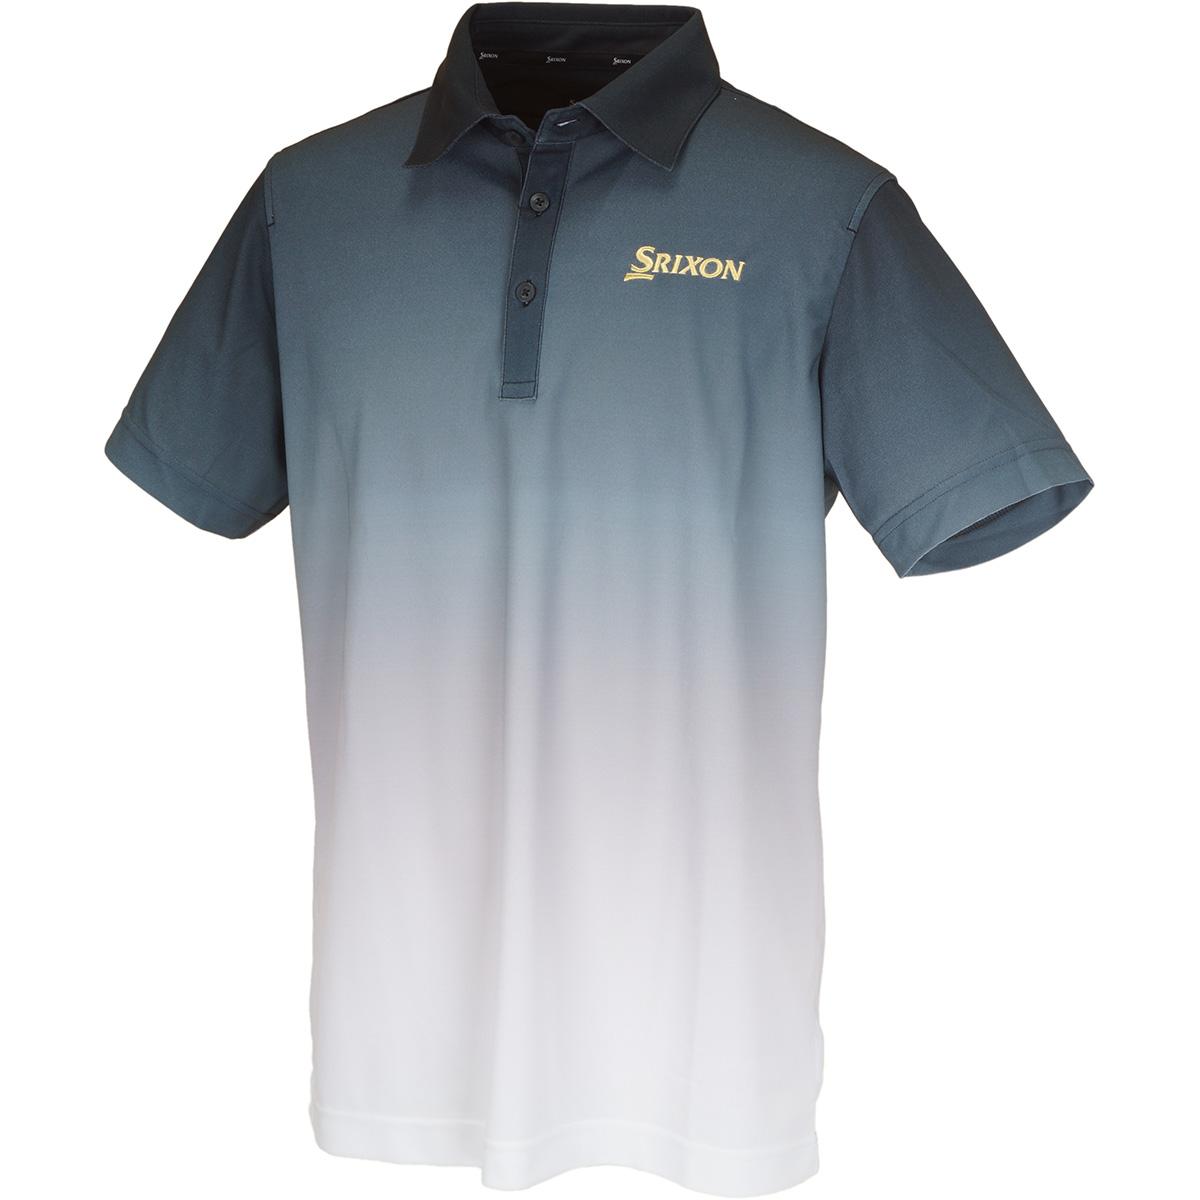 COOLISTグラデーションプリント 半袖ポロシャツ